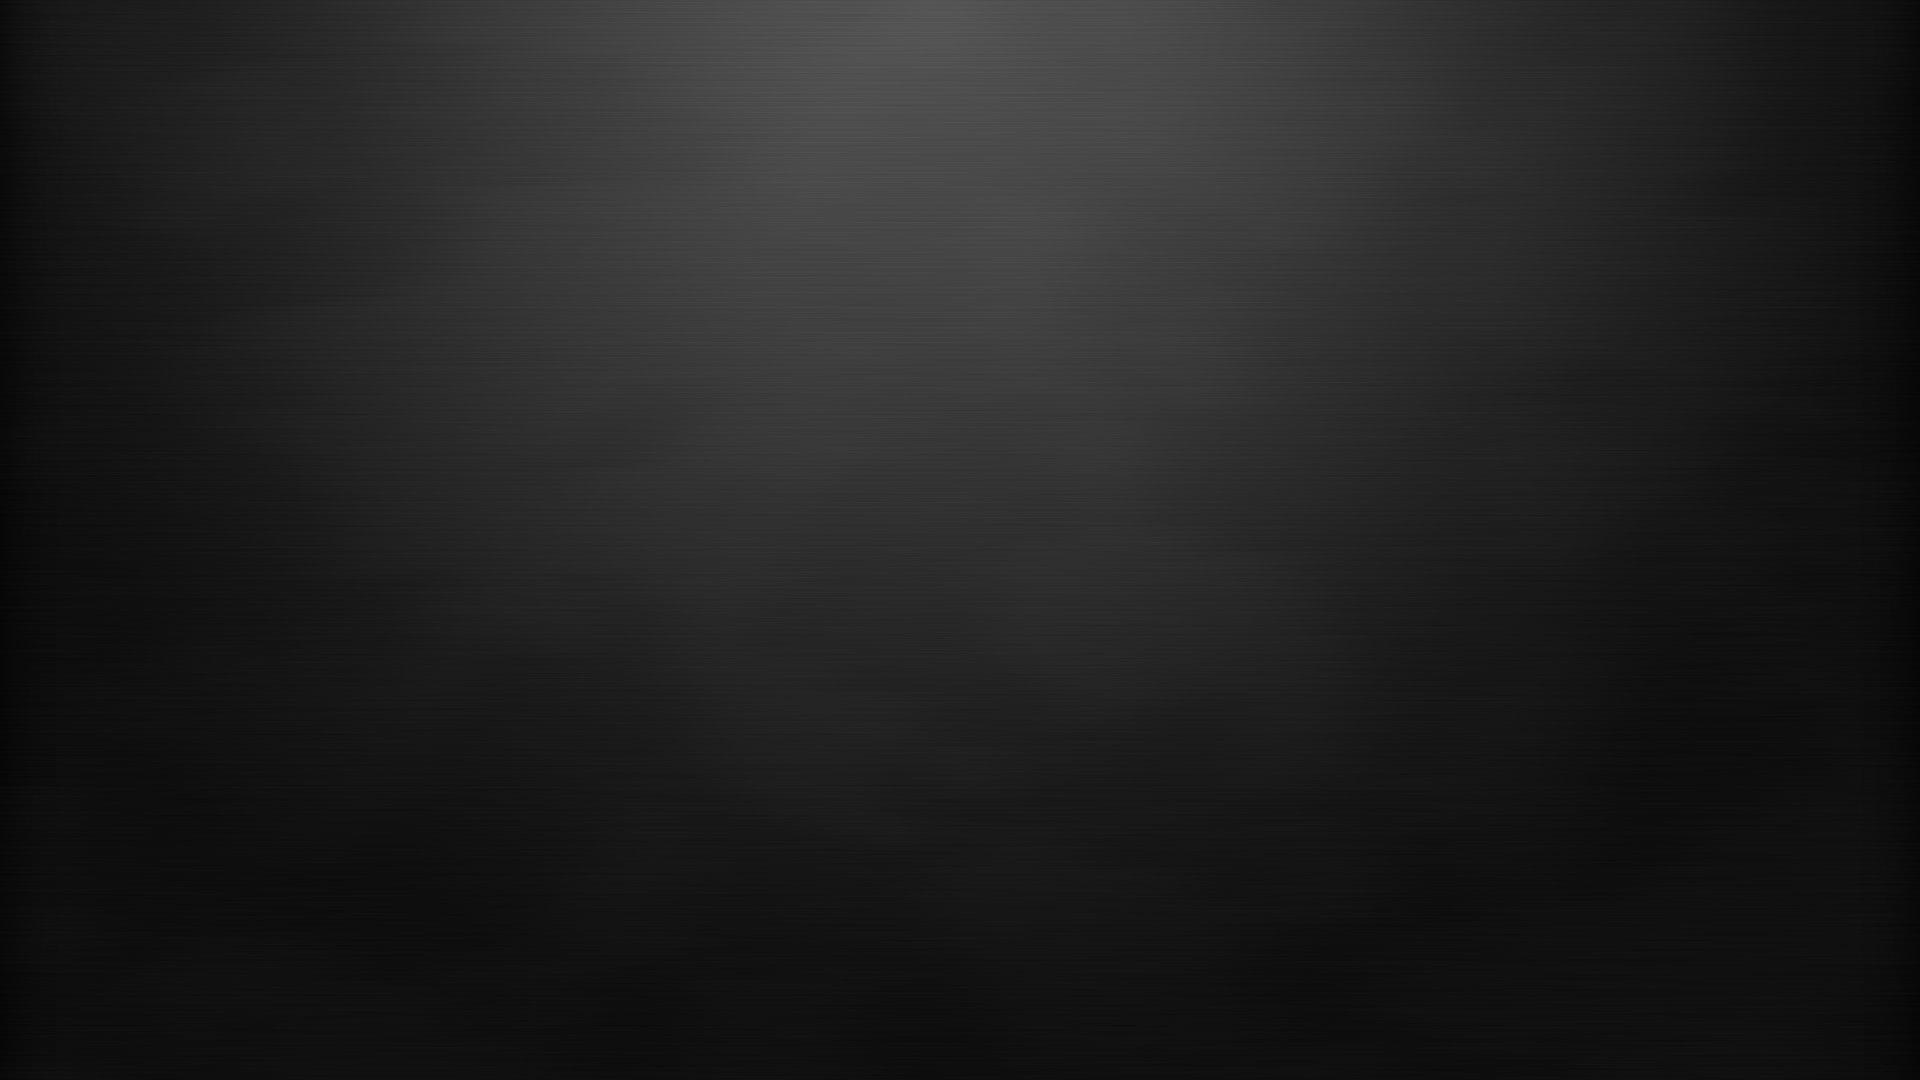 Download Free Blank Black Chalkboard Design Ppt Backgrounds